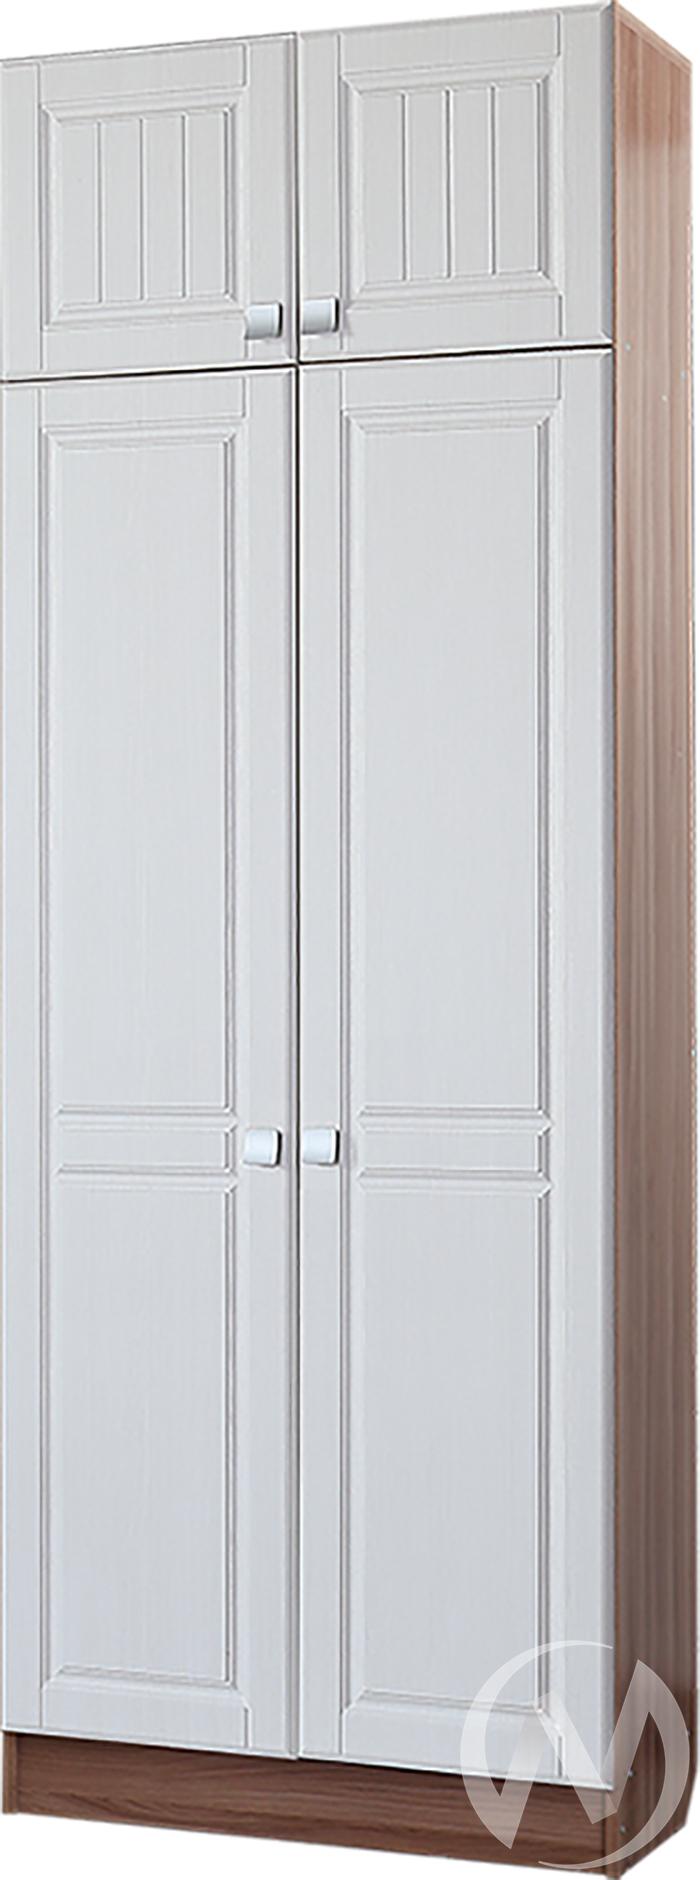 Шкаф 2х створчатый Прихожая Вега (ясень шимо темный-рельеф пастель)